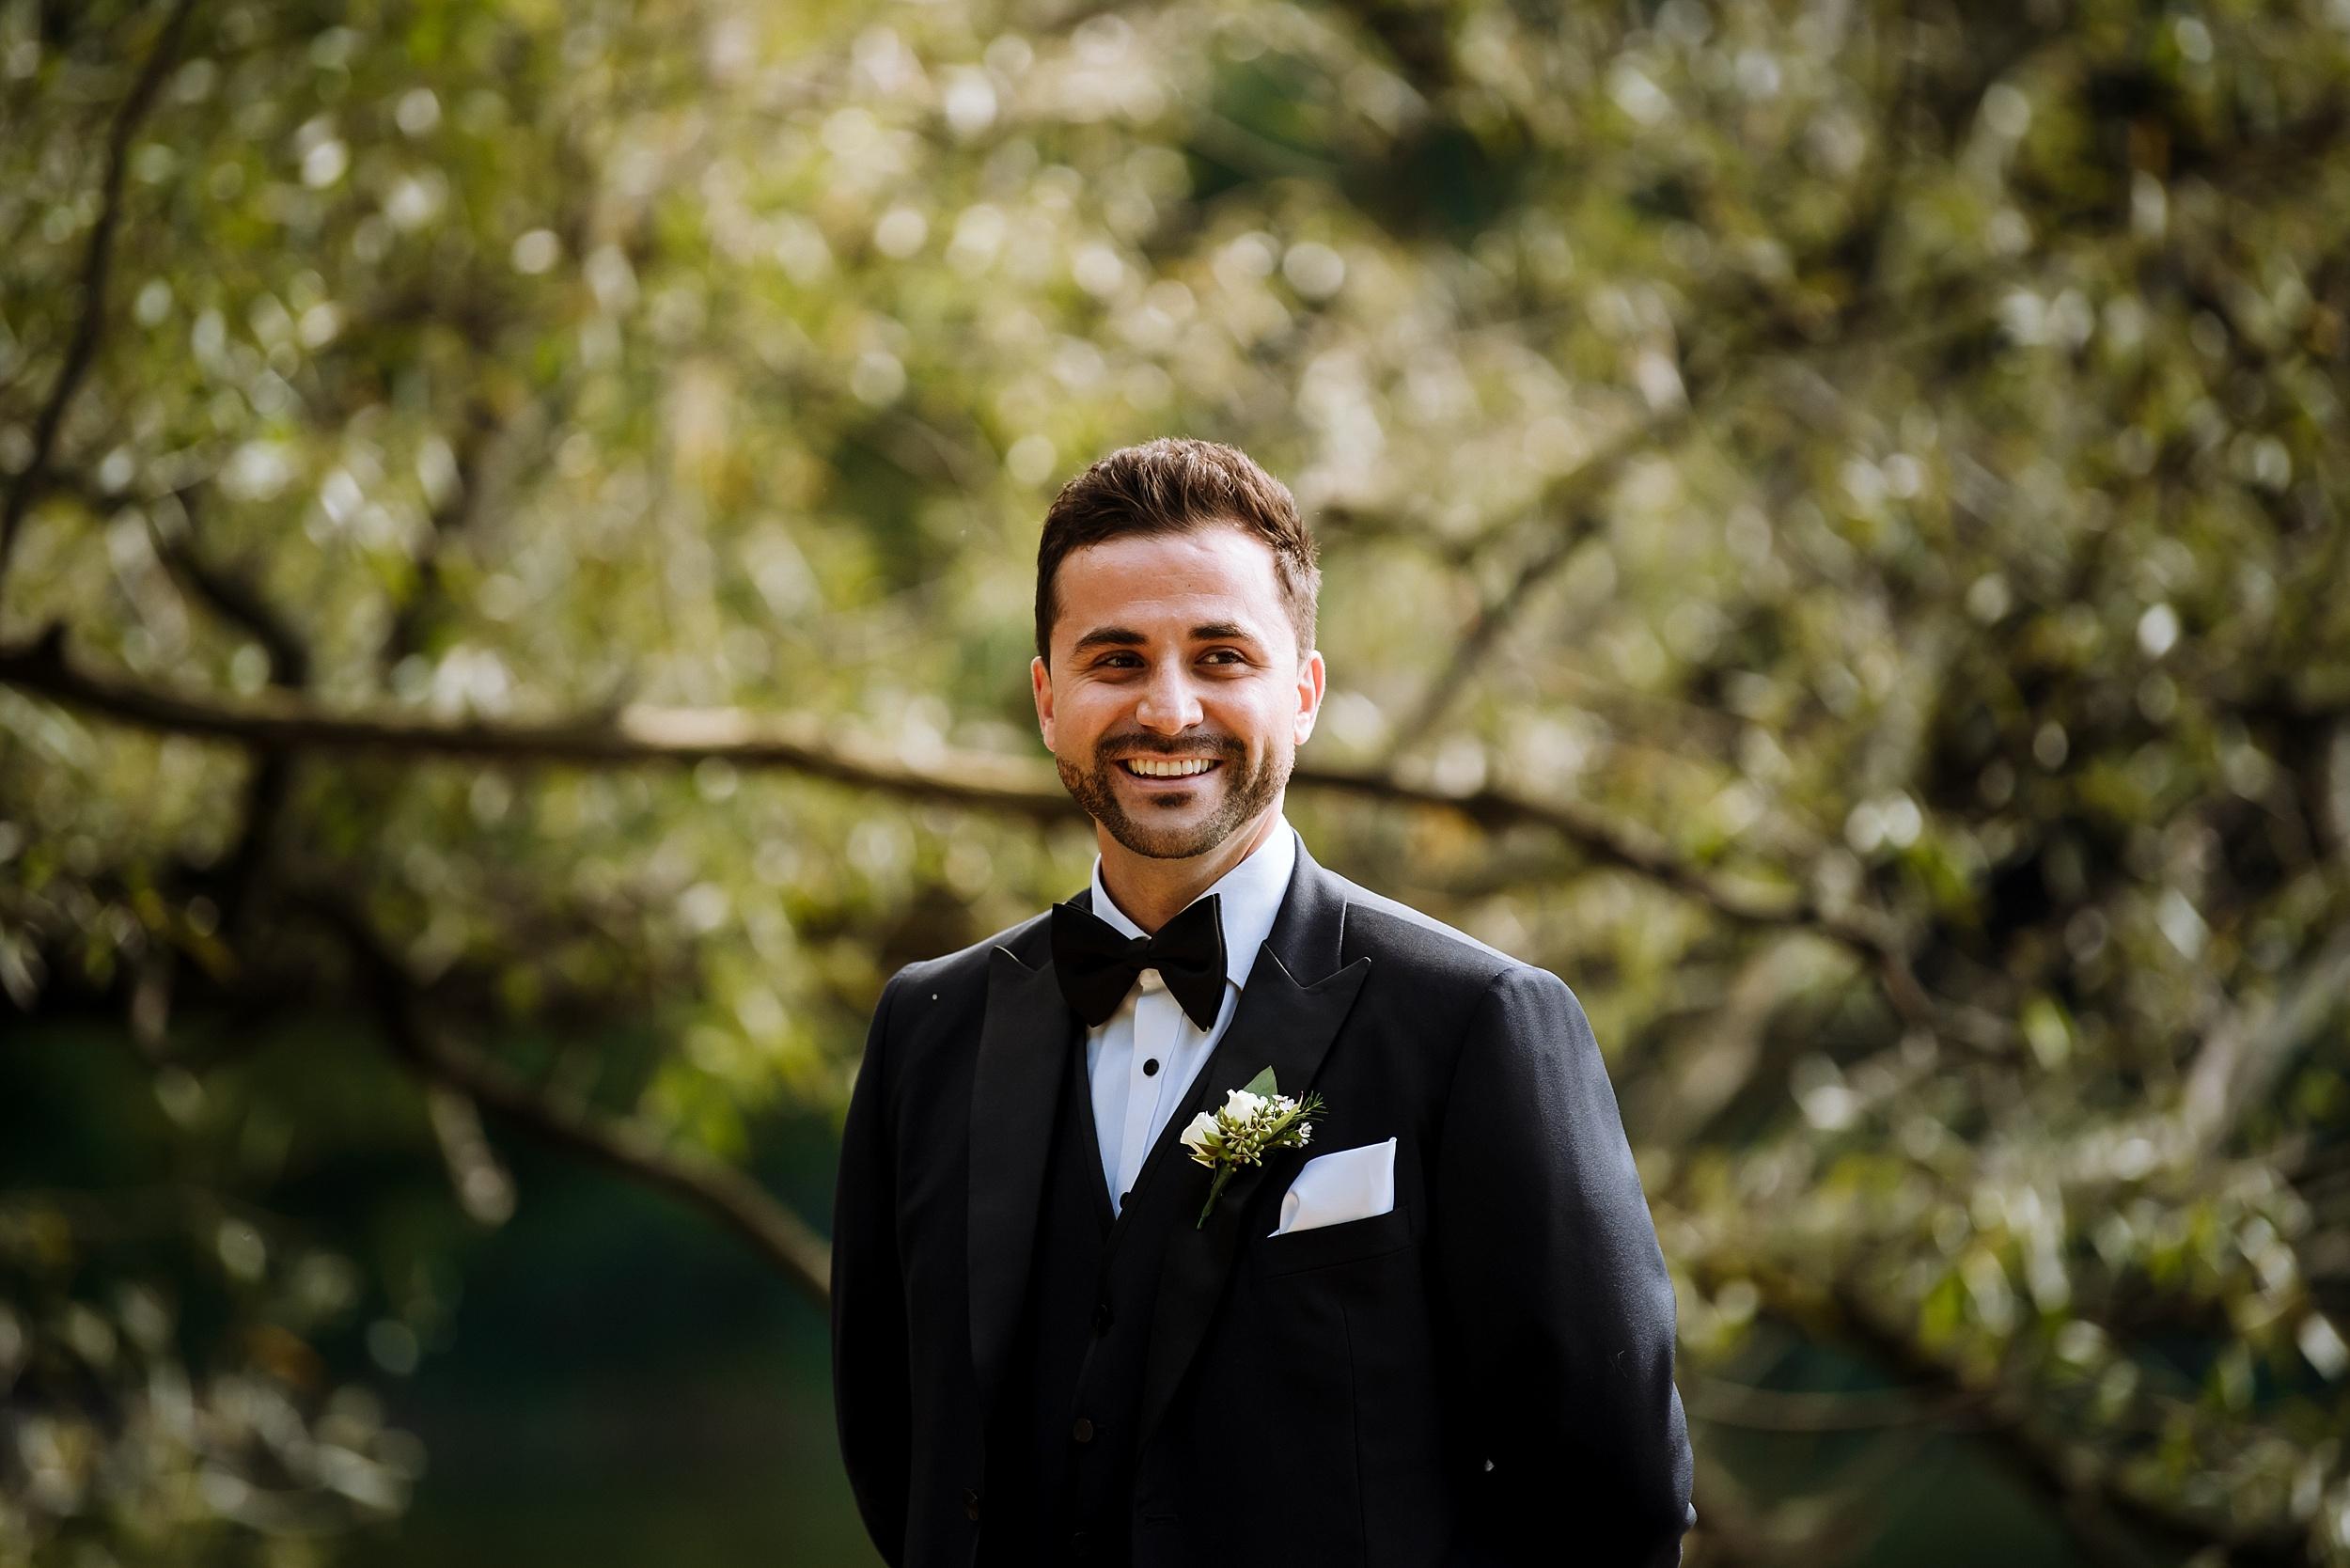 Rustic_Backyard_Wedding_Toronto_Photographer036.jpg